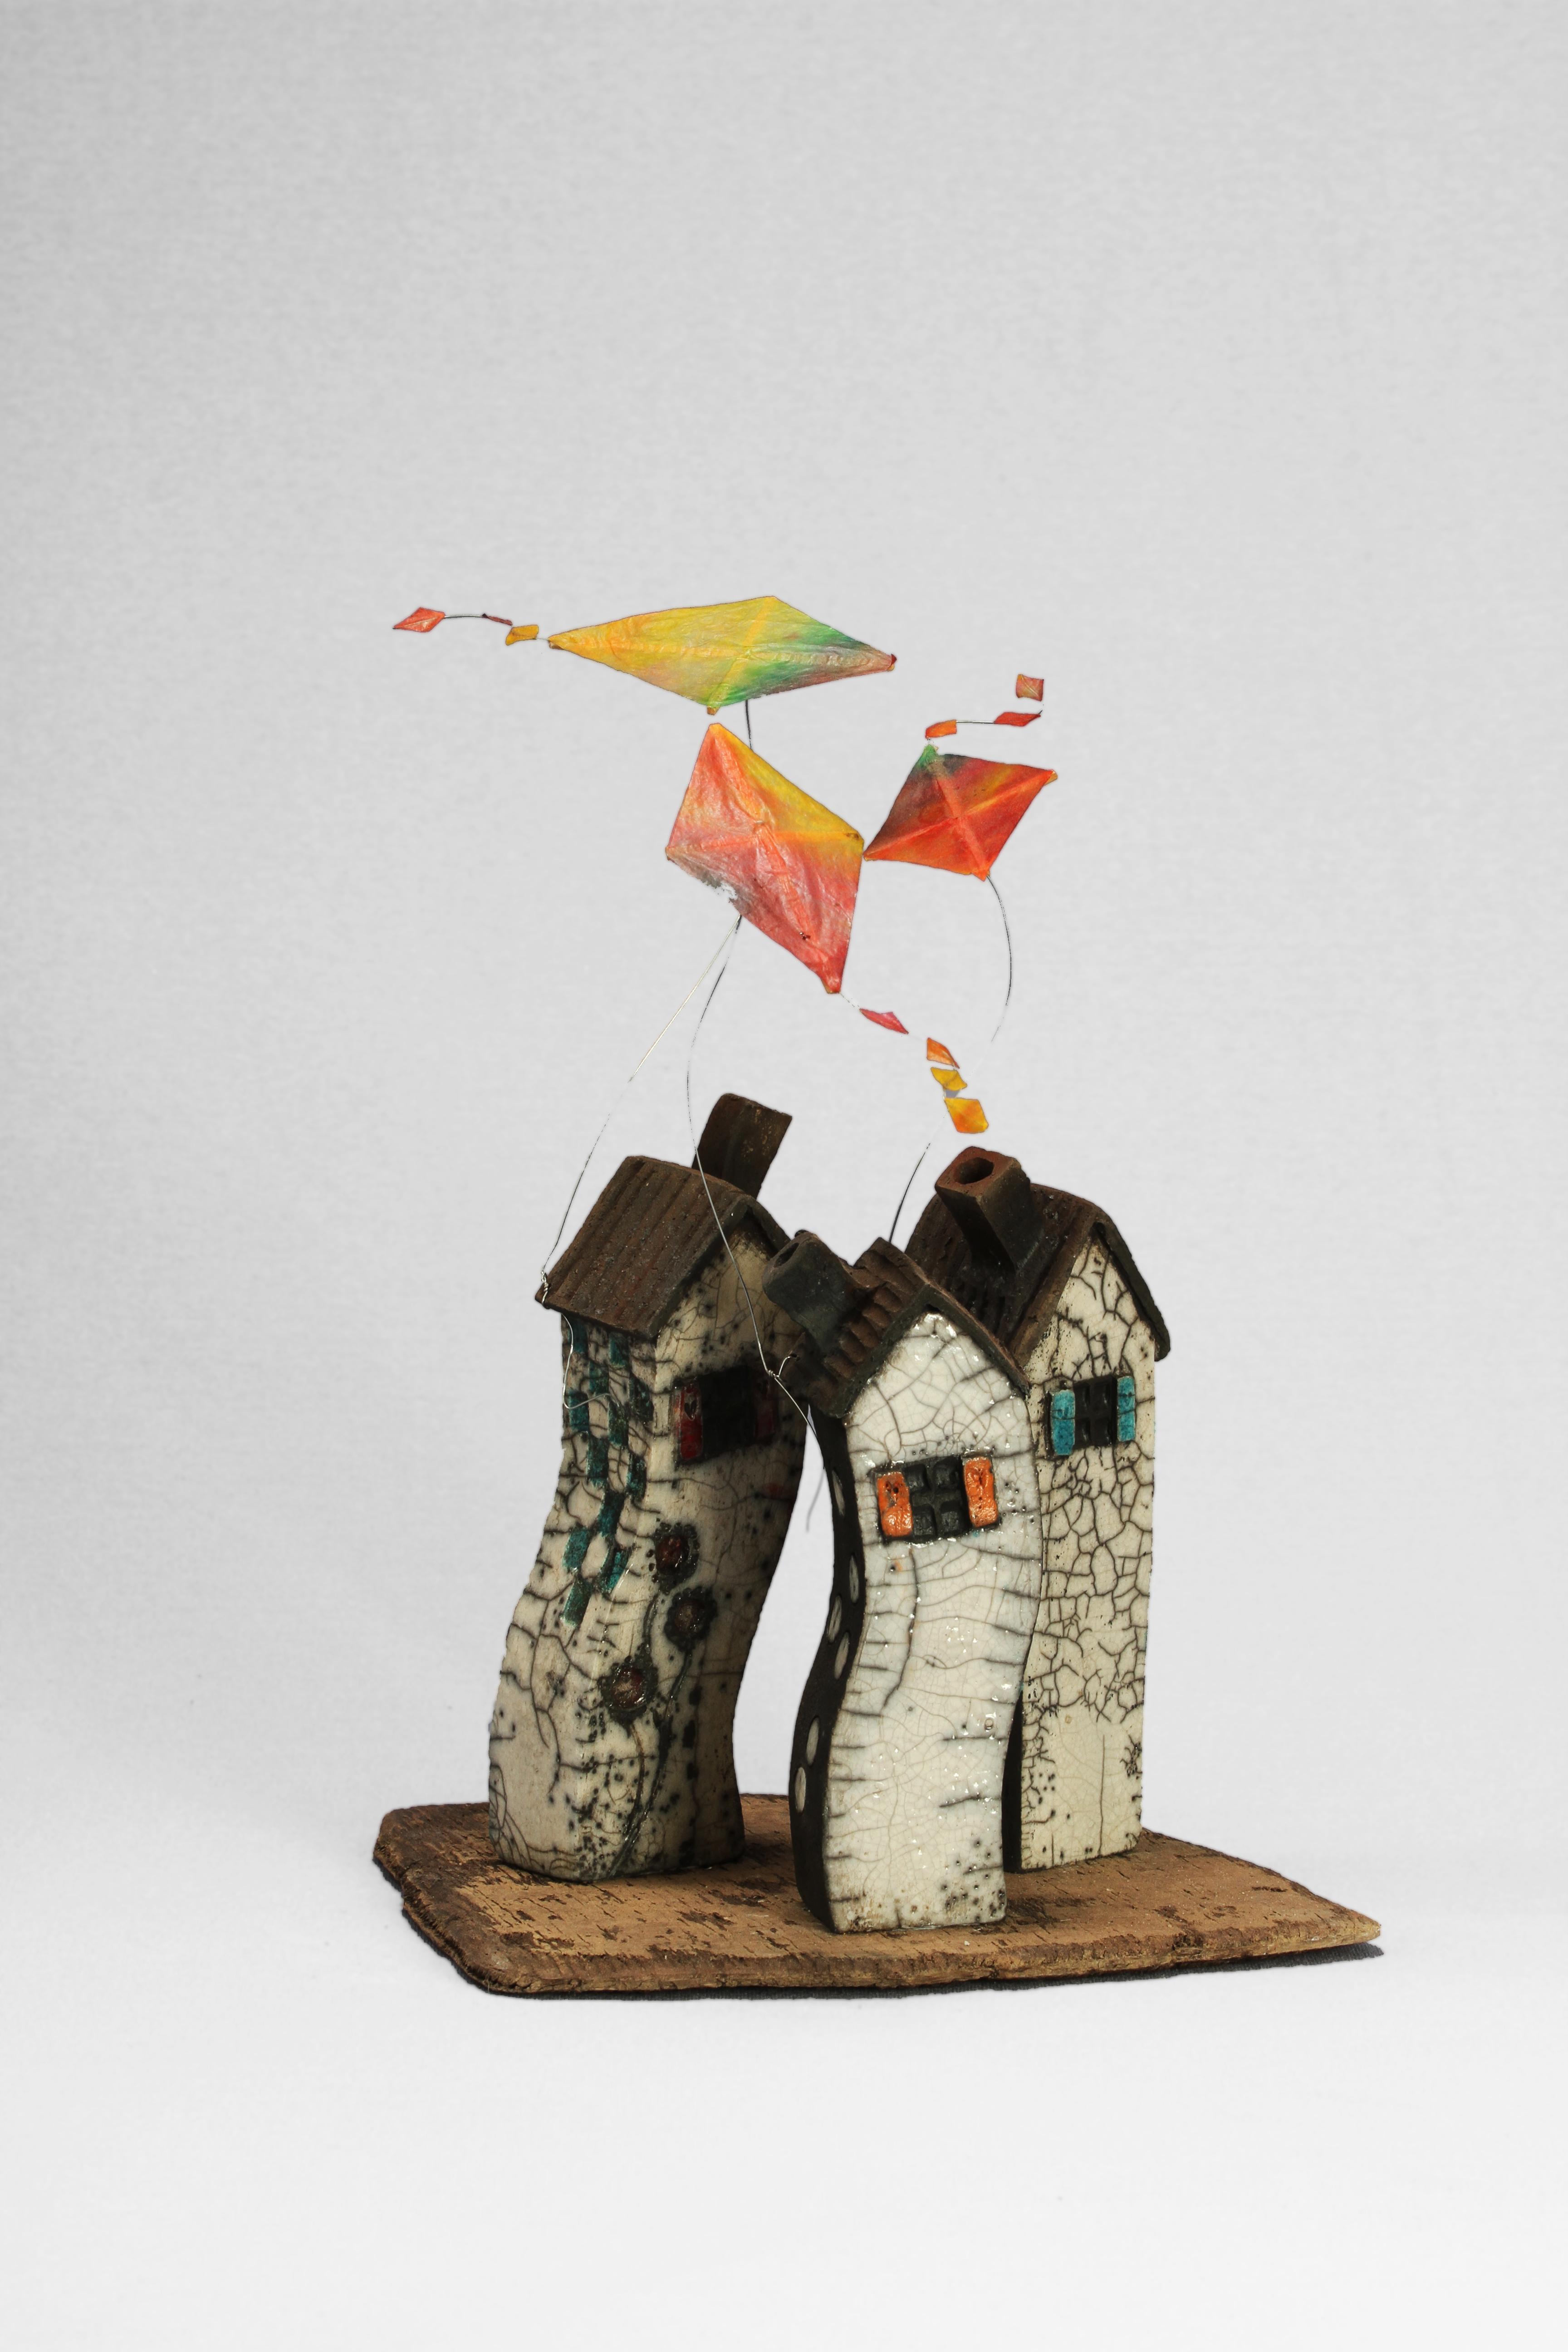 Trois maison dans le vent